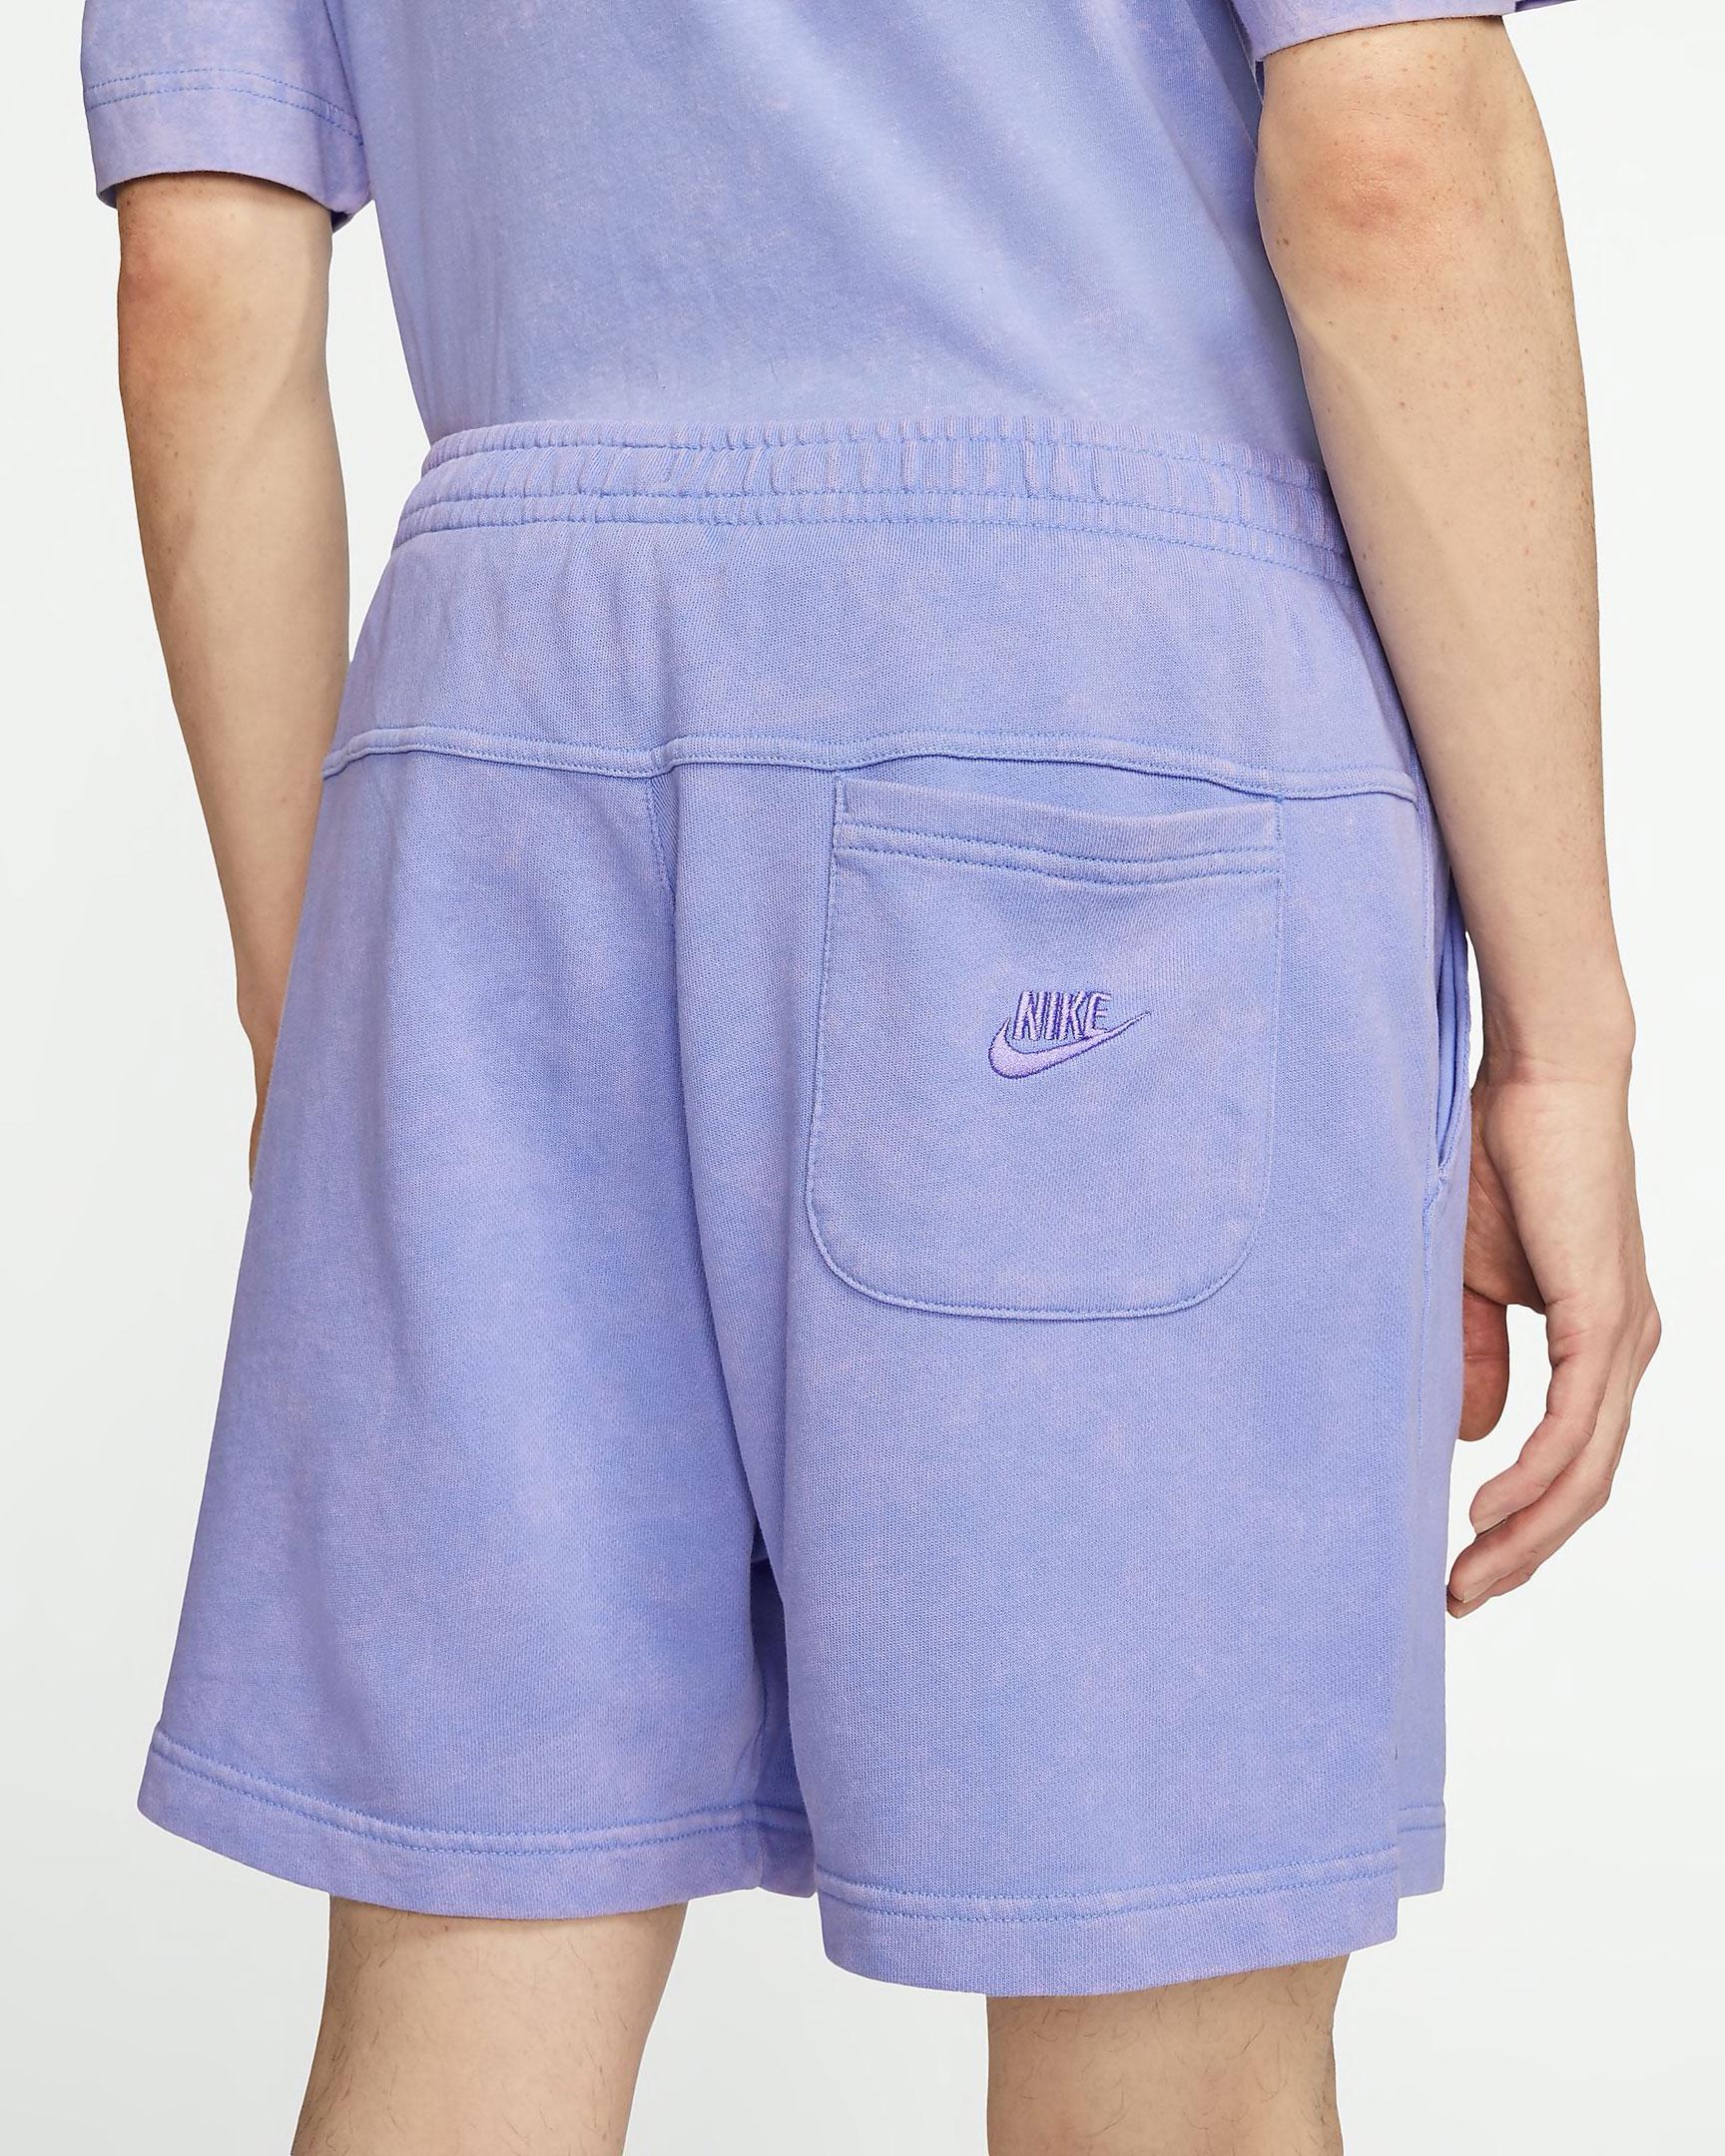 nike-jdi-just-do-it-shorts-purple-3